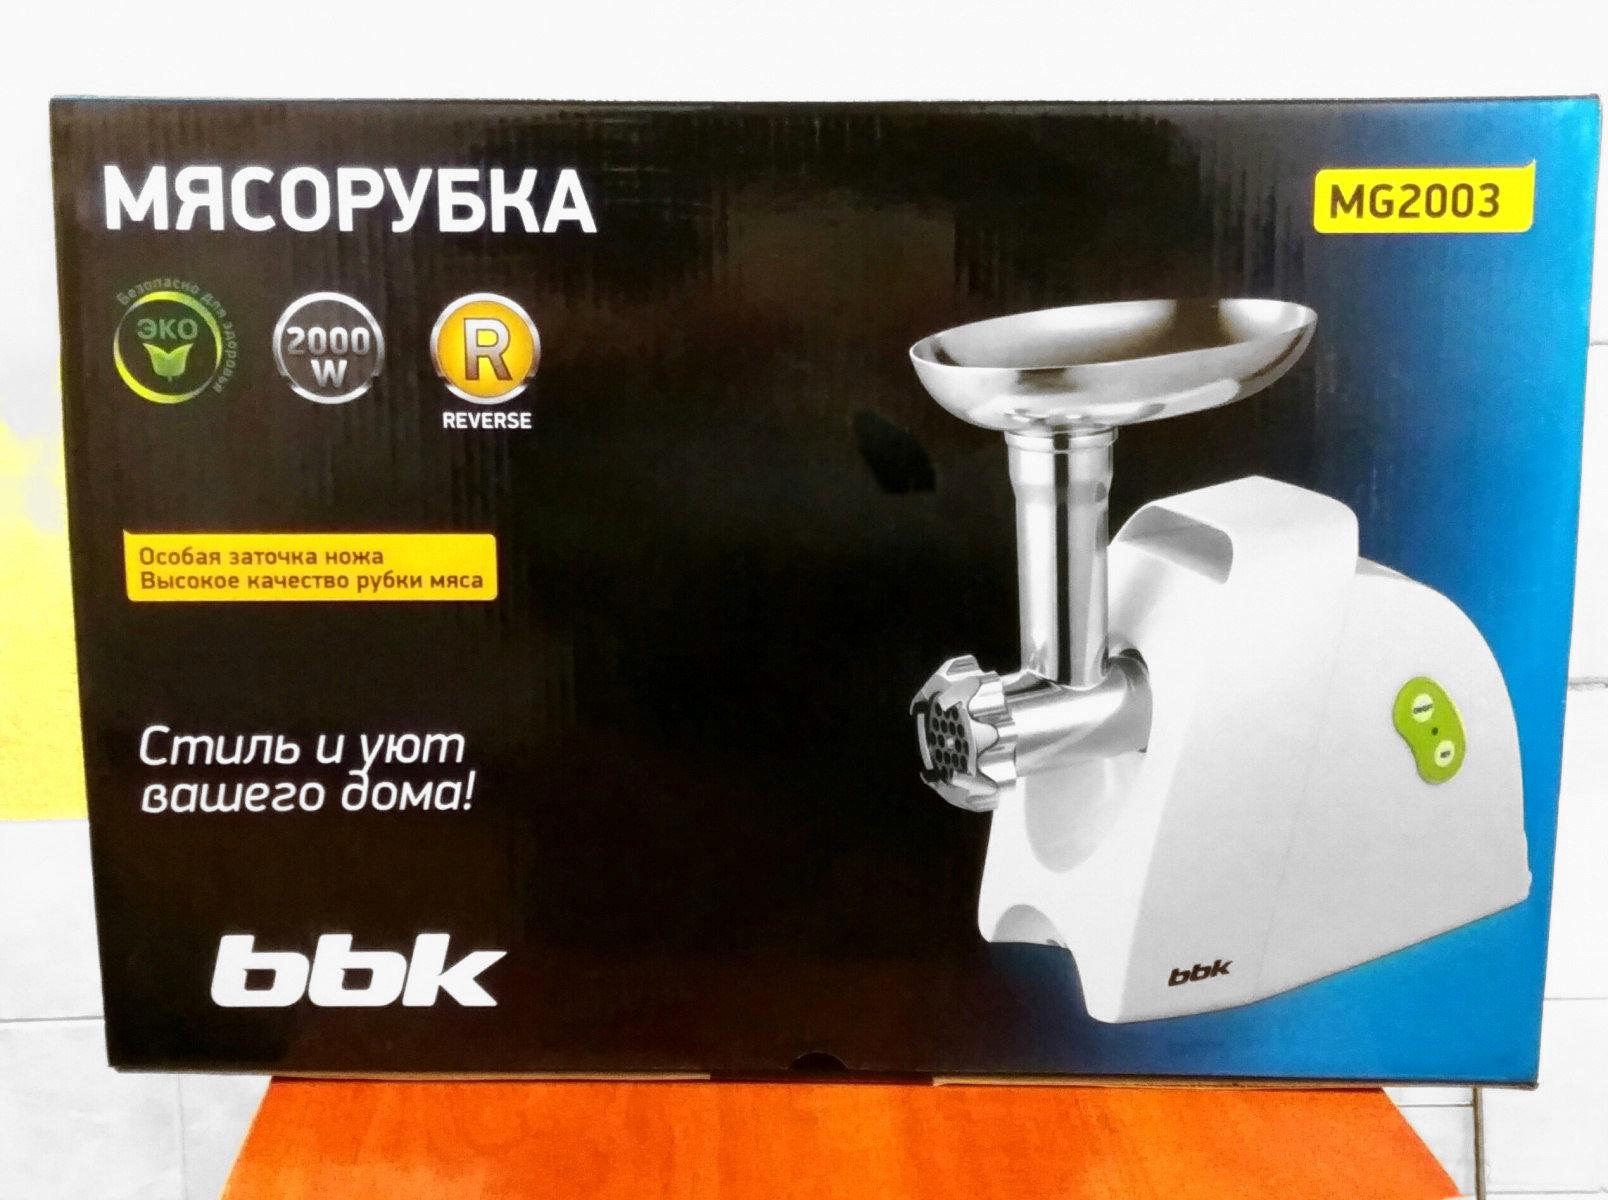 BBK MG2003